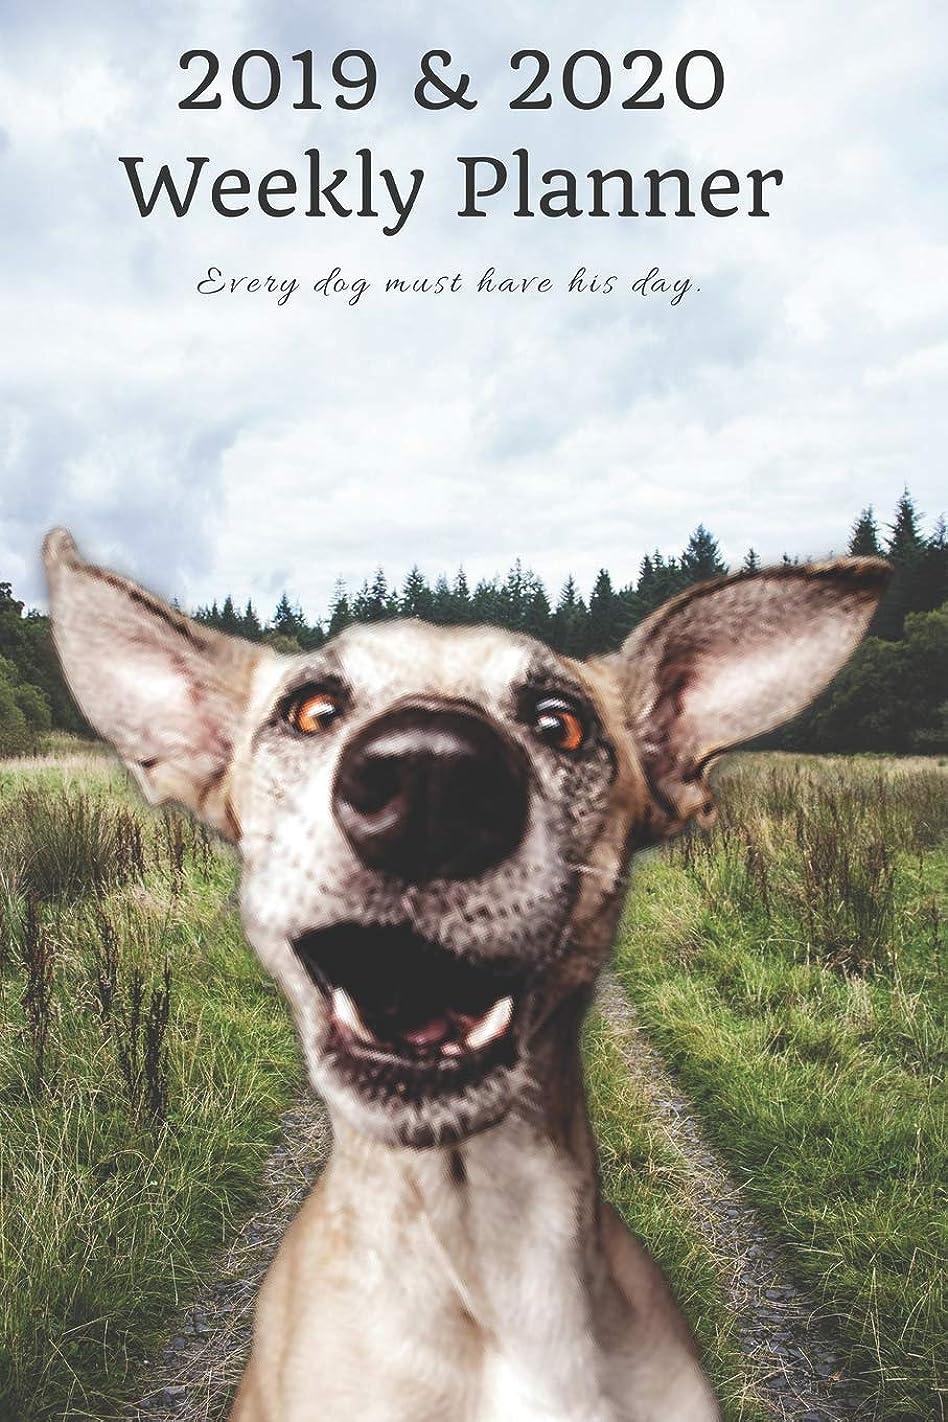 債務者エキサイティングタイプ2019 & 2020 Weekly Planner Every dog must have his day.: Funny Whippet Dog in Nature: Two Year Agenda Datebook: Plan Goals to Gain & Work to Maintain Daily & Monthly